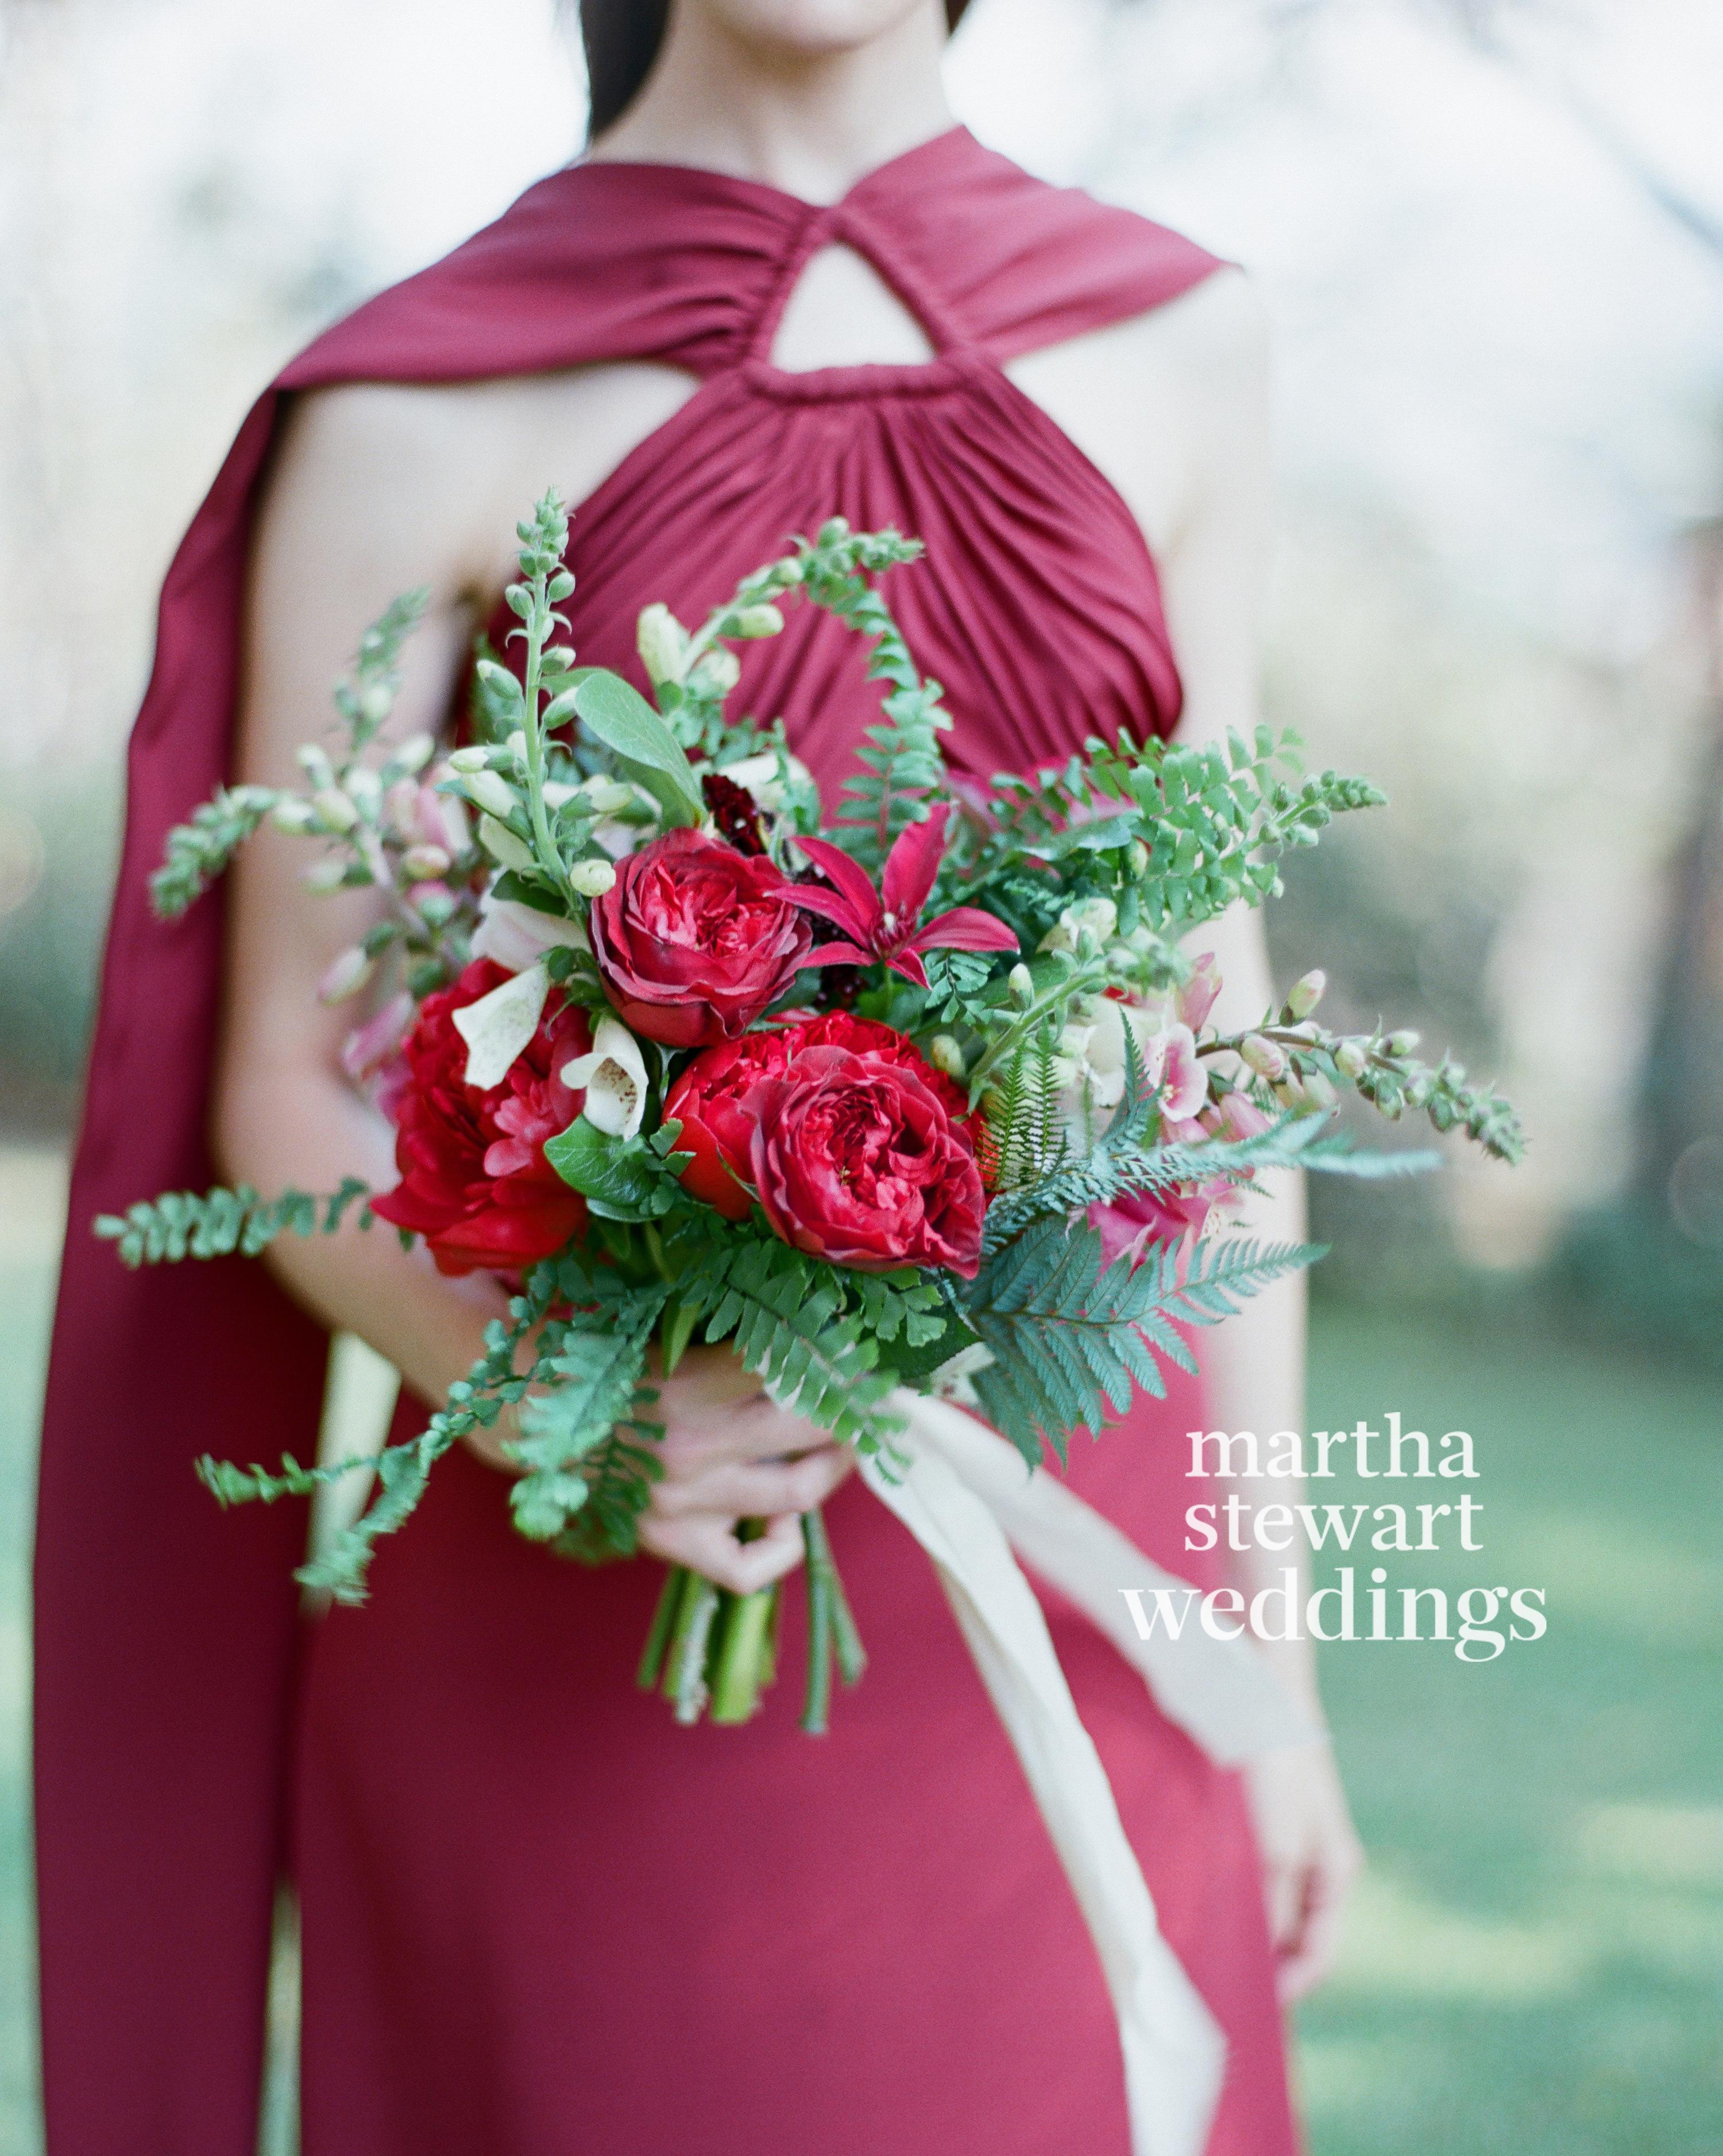 sophia-joel-wedding-los-angeles-018-d112240-watermarked-0915.jpg